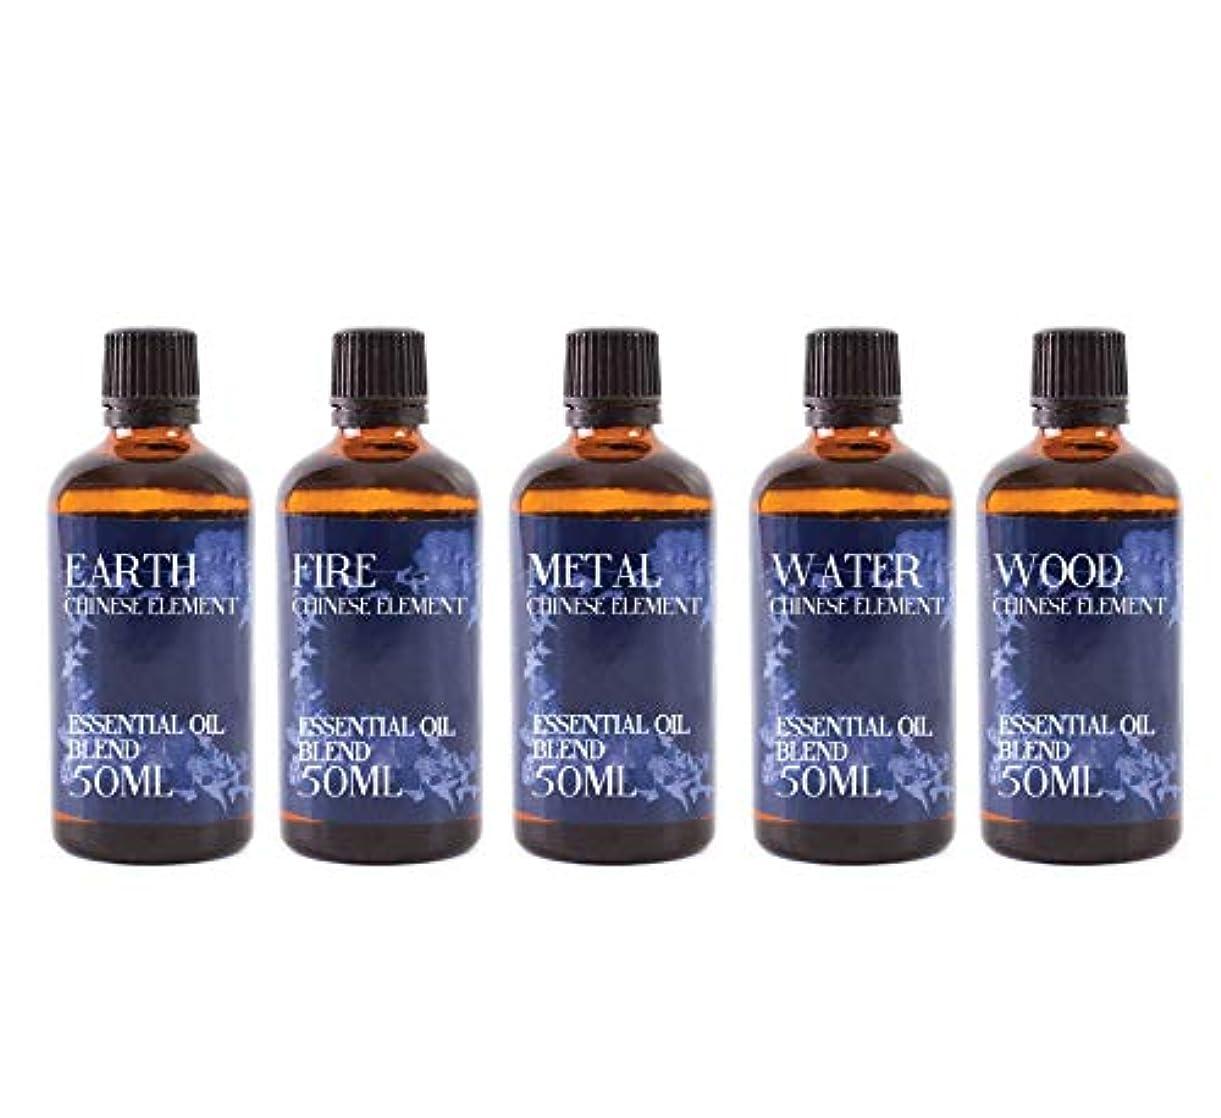 文芸ミュージカル戸惑うMystix London | Gift Starter Pack of 5x50ml Chinese Elements Essential Oil Blends